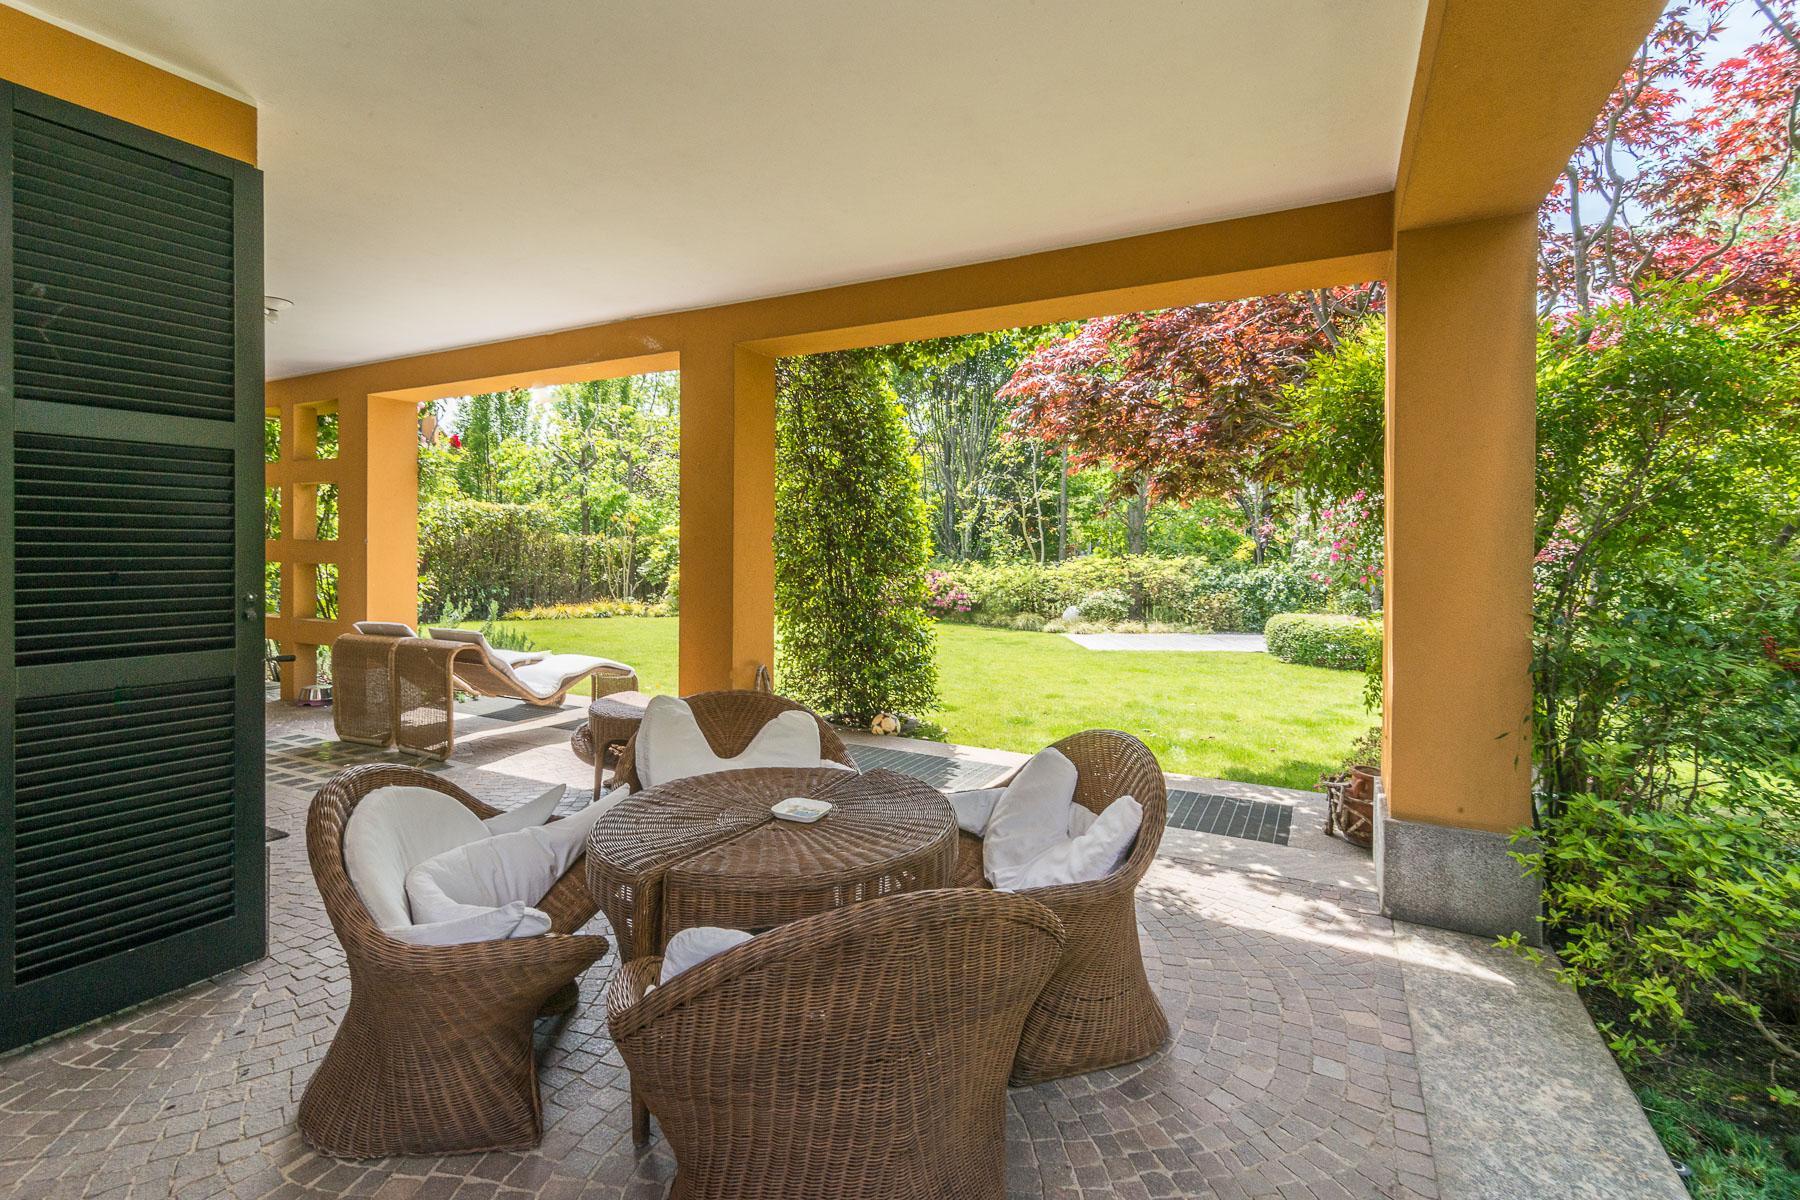 Golf Club Castelconturbia, splendida villa di 300 mq con giardino di 1500 mq e jacuzzi - 10